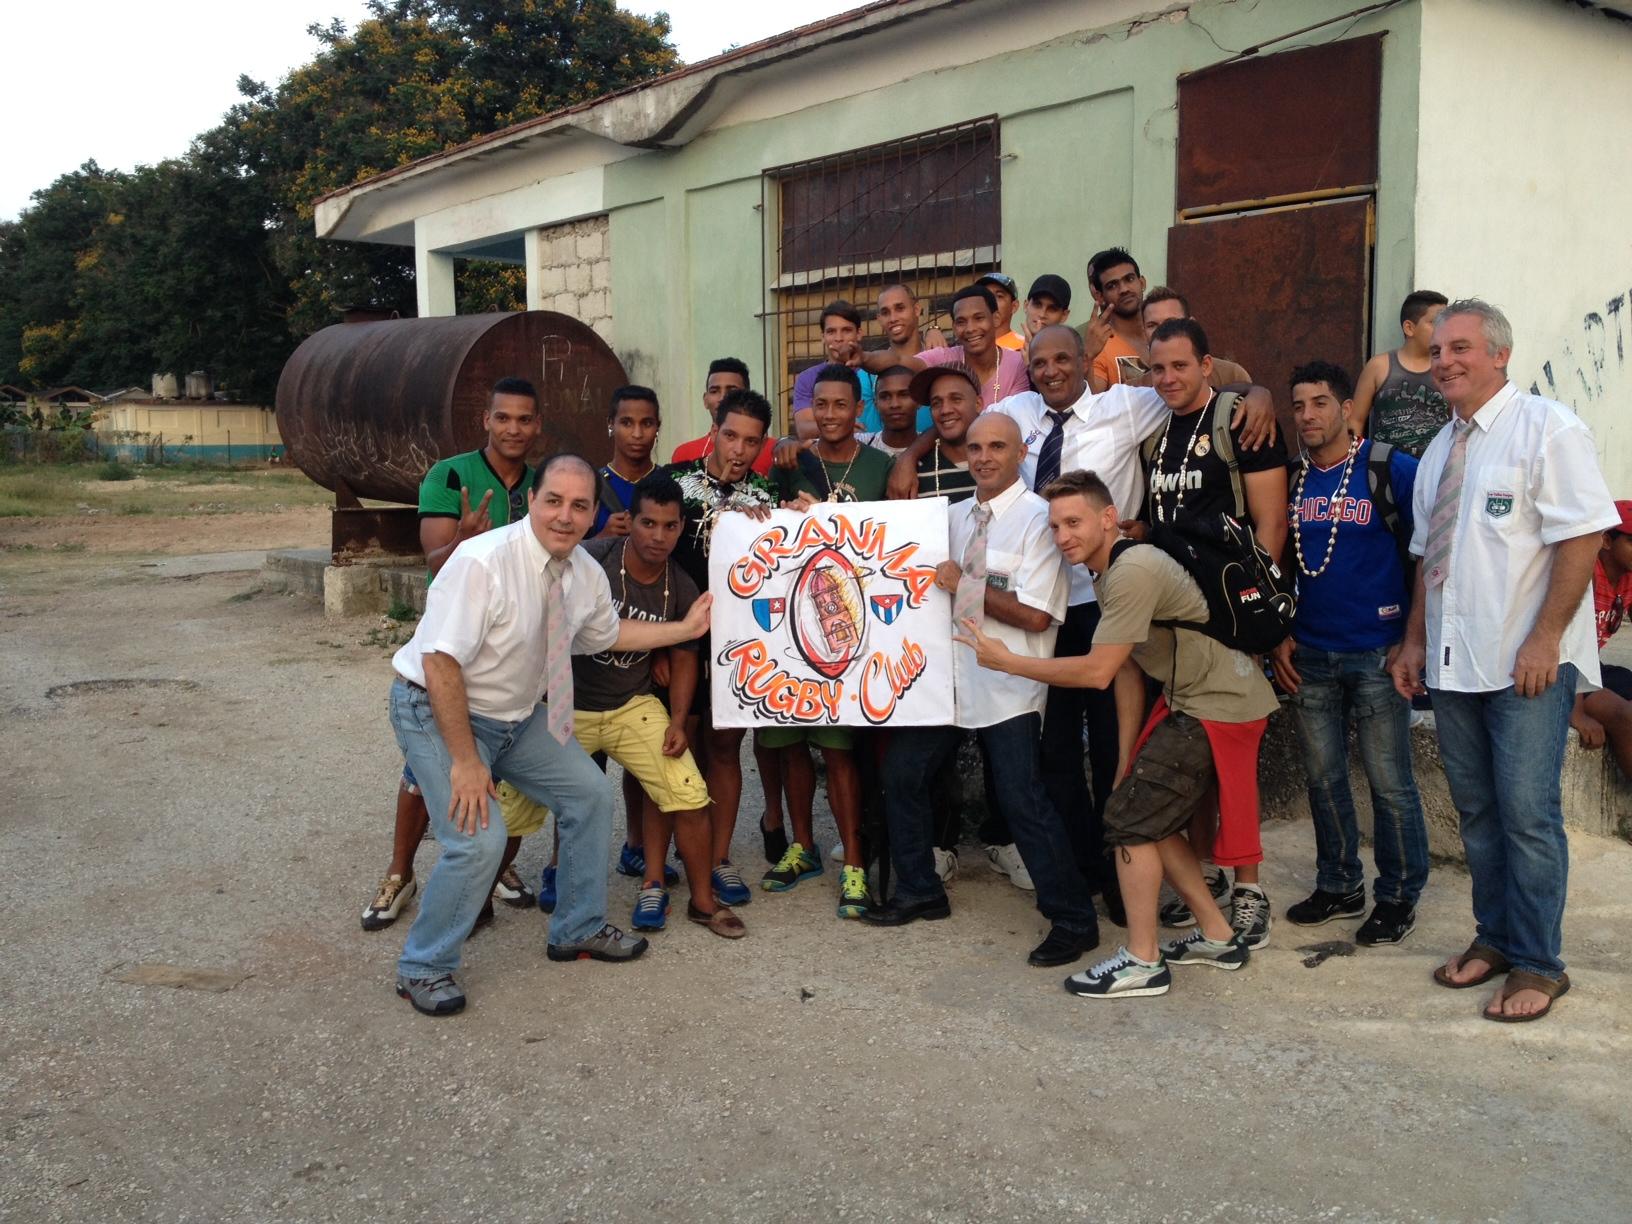 Rugby : Grand chelem à Cuba et Panama pour les vieilles pompes de Tahiti